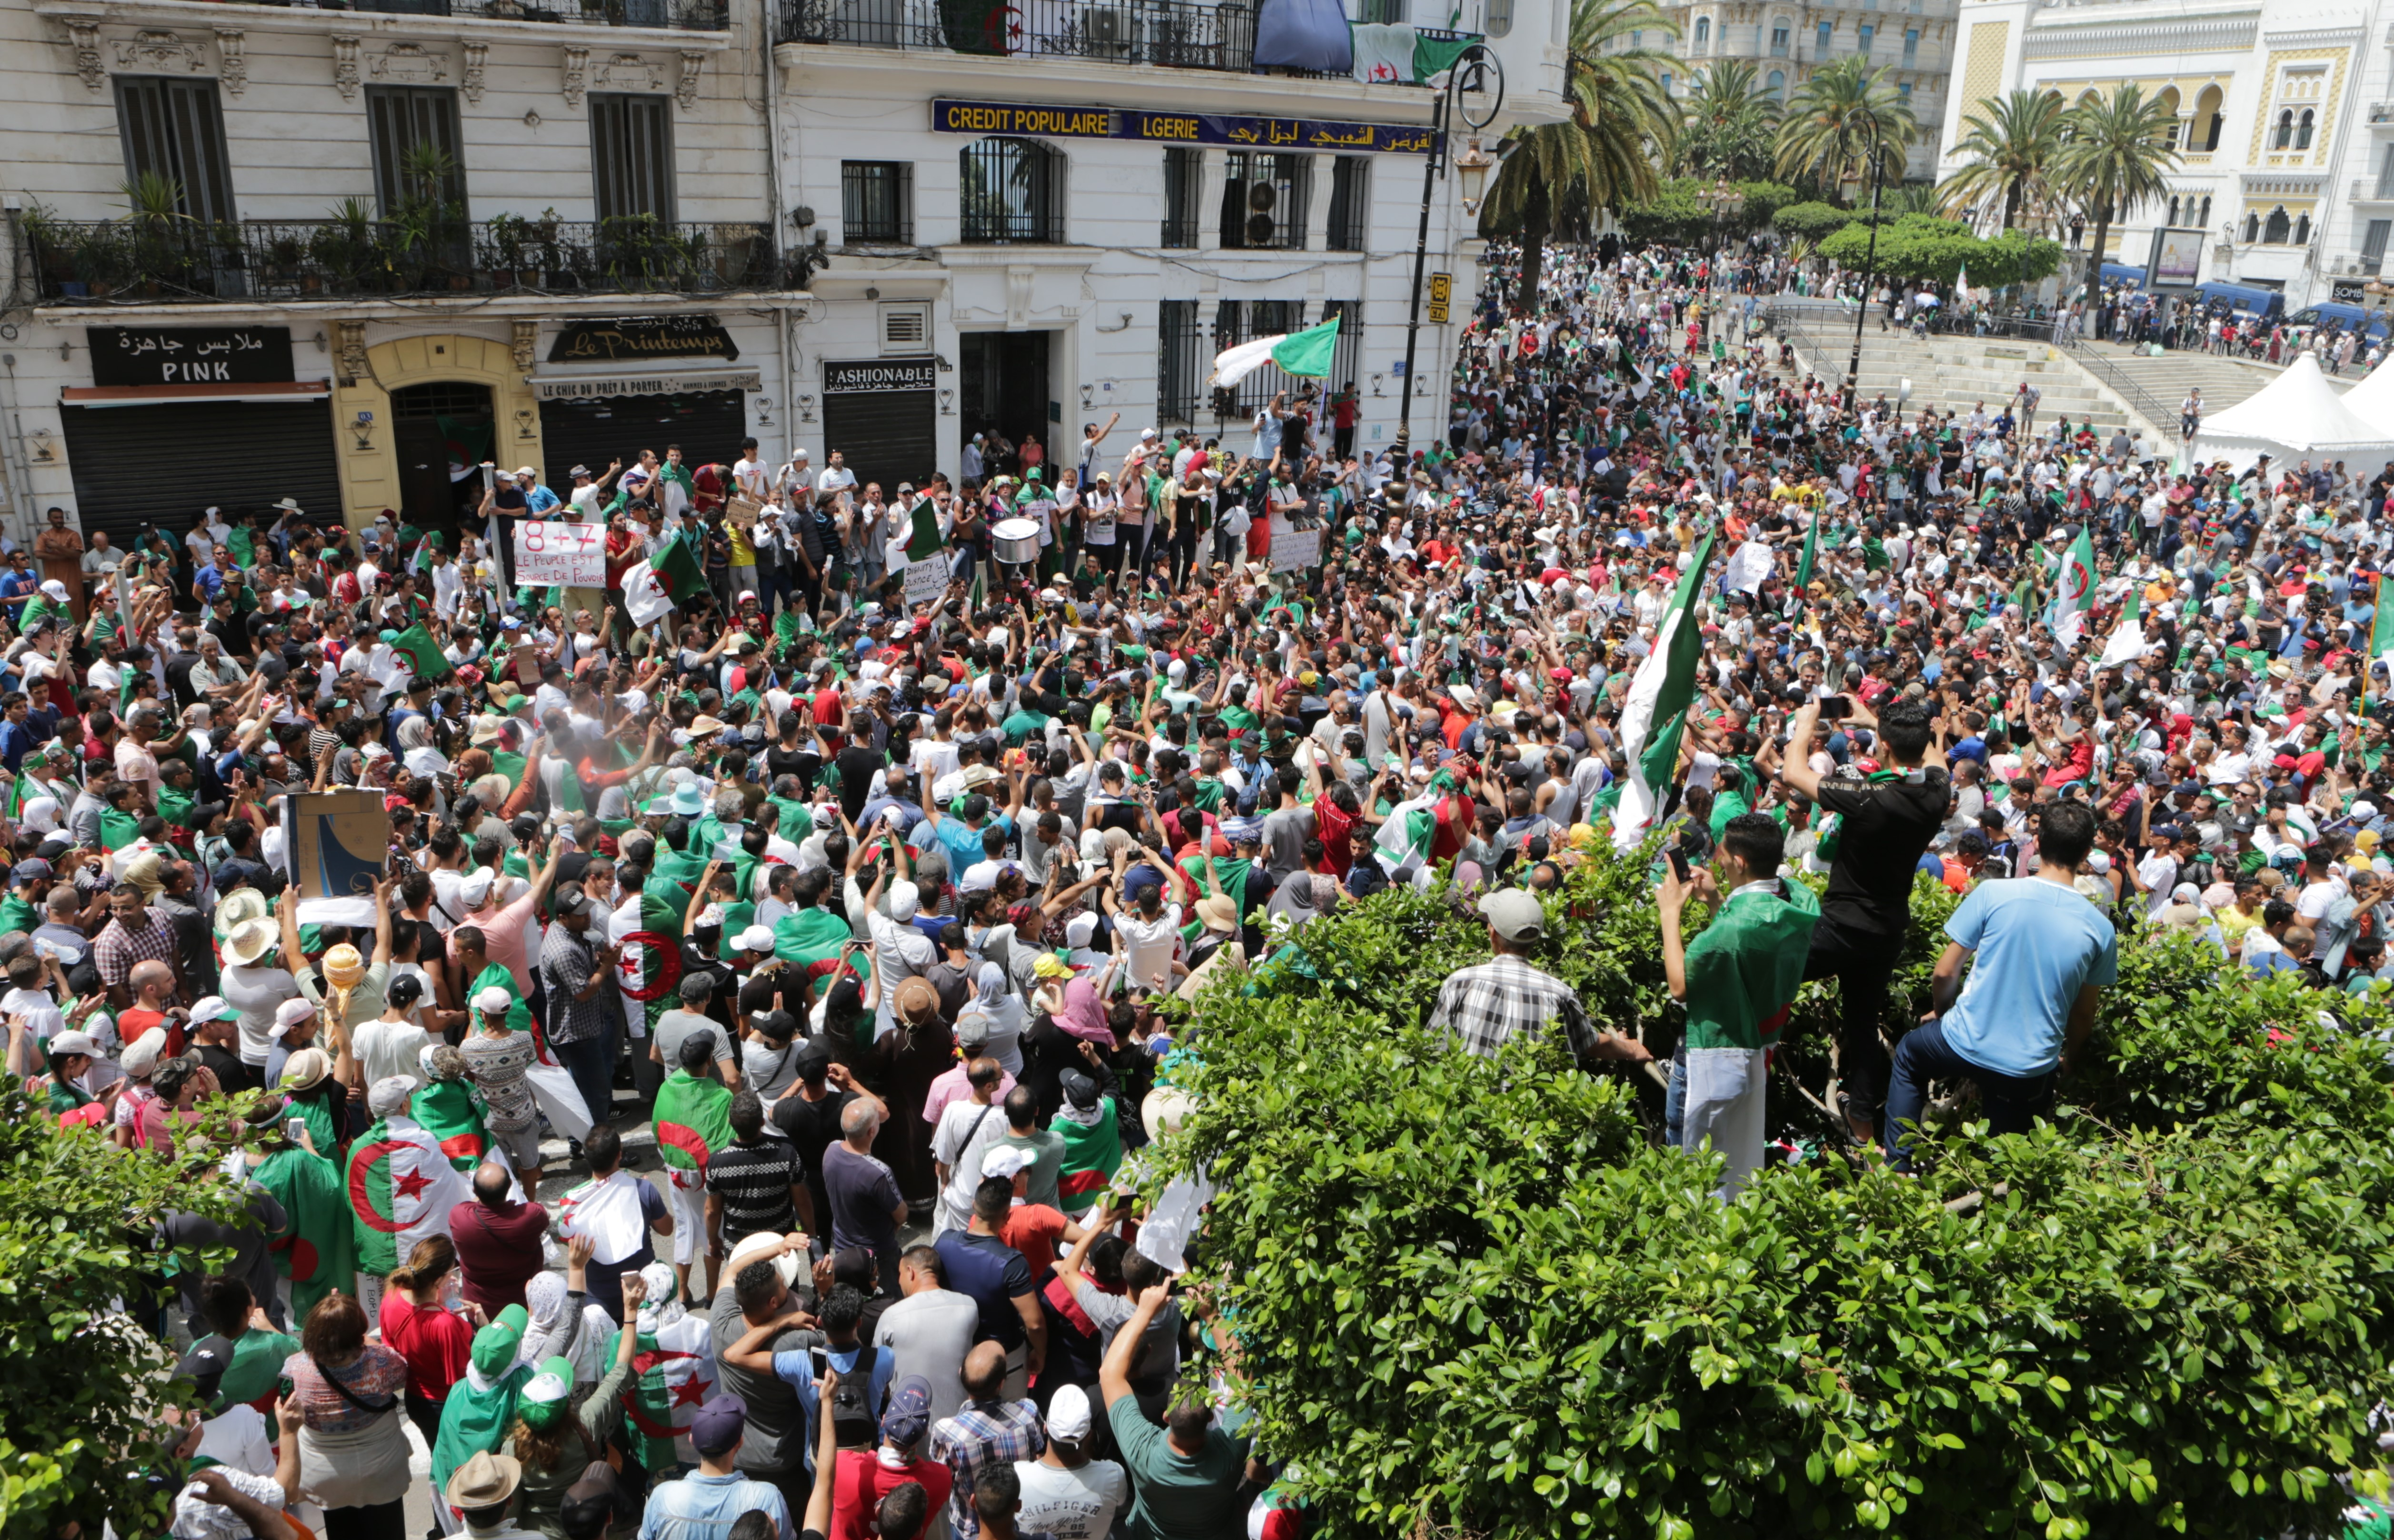 مظاهرات الجمعة 05 يوليو 2019، والتي كان من المفترض أن تعلن فيها نتائج الانتخابات الملغاة